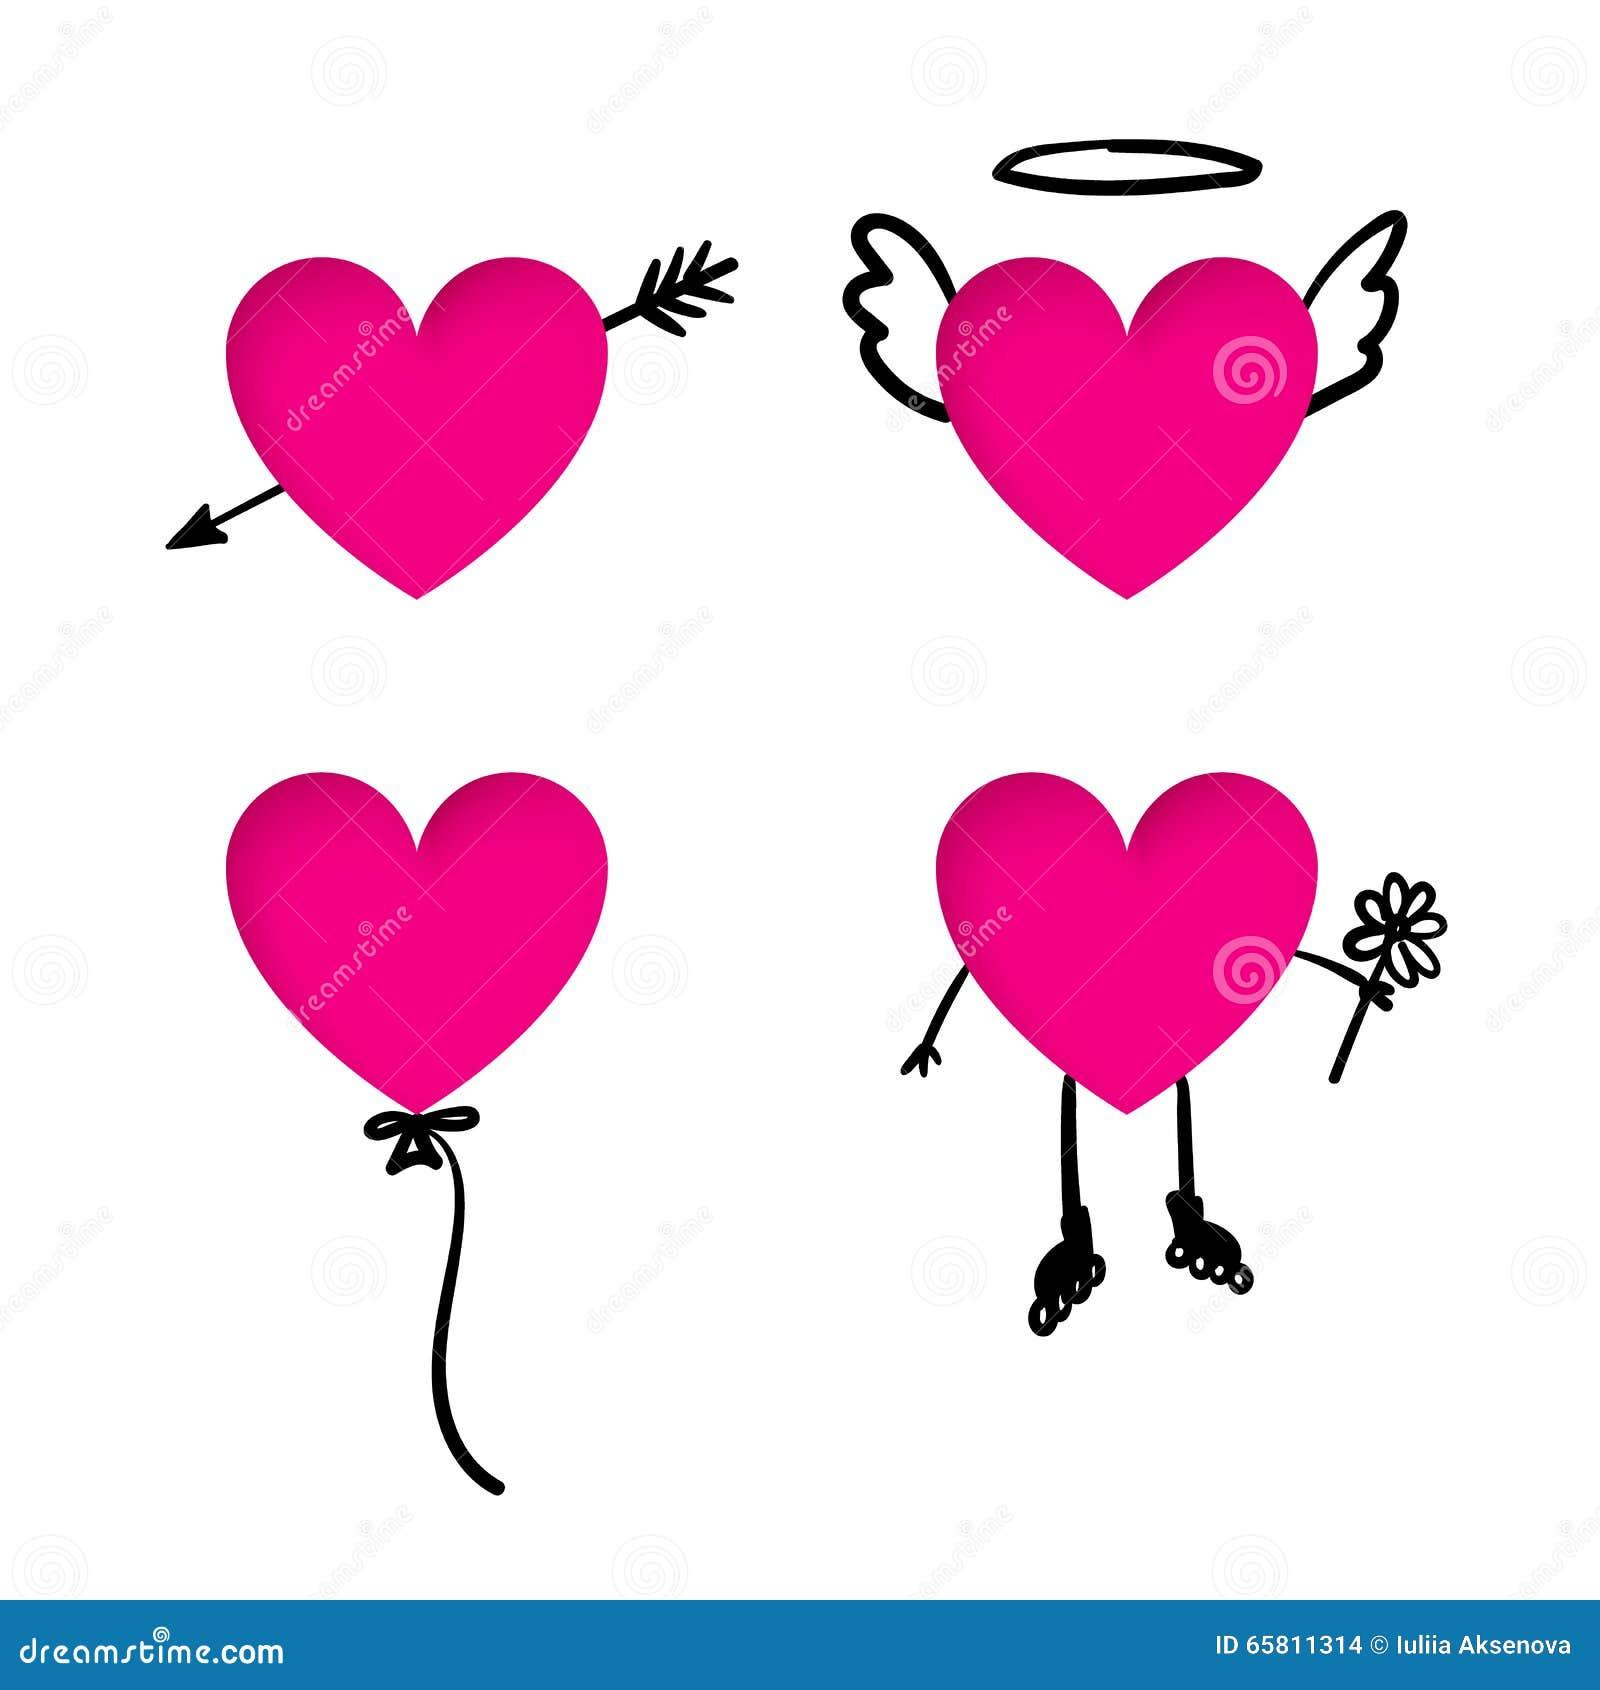 Único Imagen Del Corazón Con Etiquetas Ornamento - Anatomía de Las ...